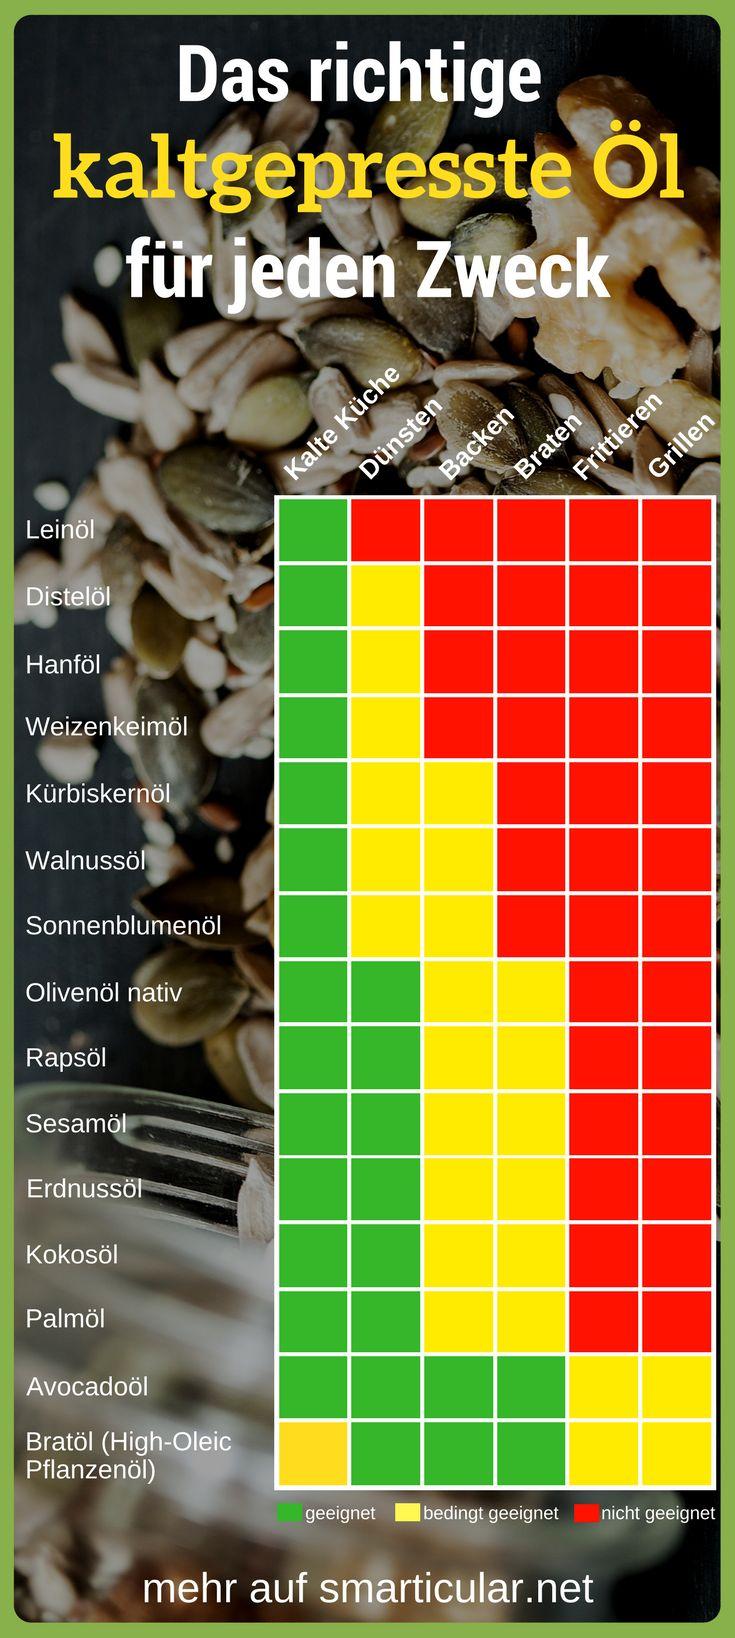 Welches Öl wofür? Das richtige Pflanzenöl für jeden Zweck